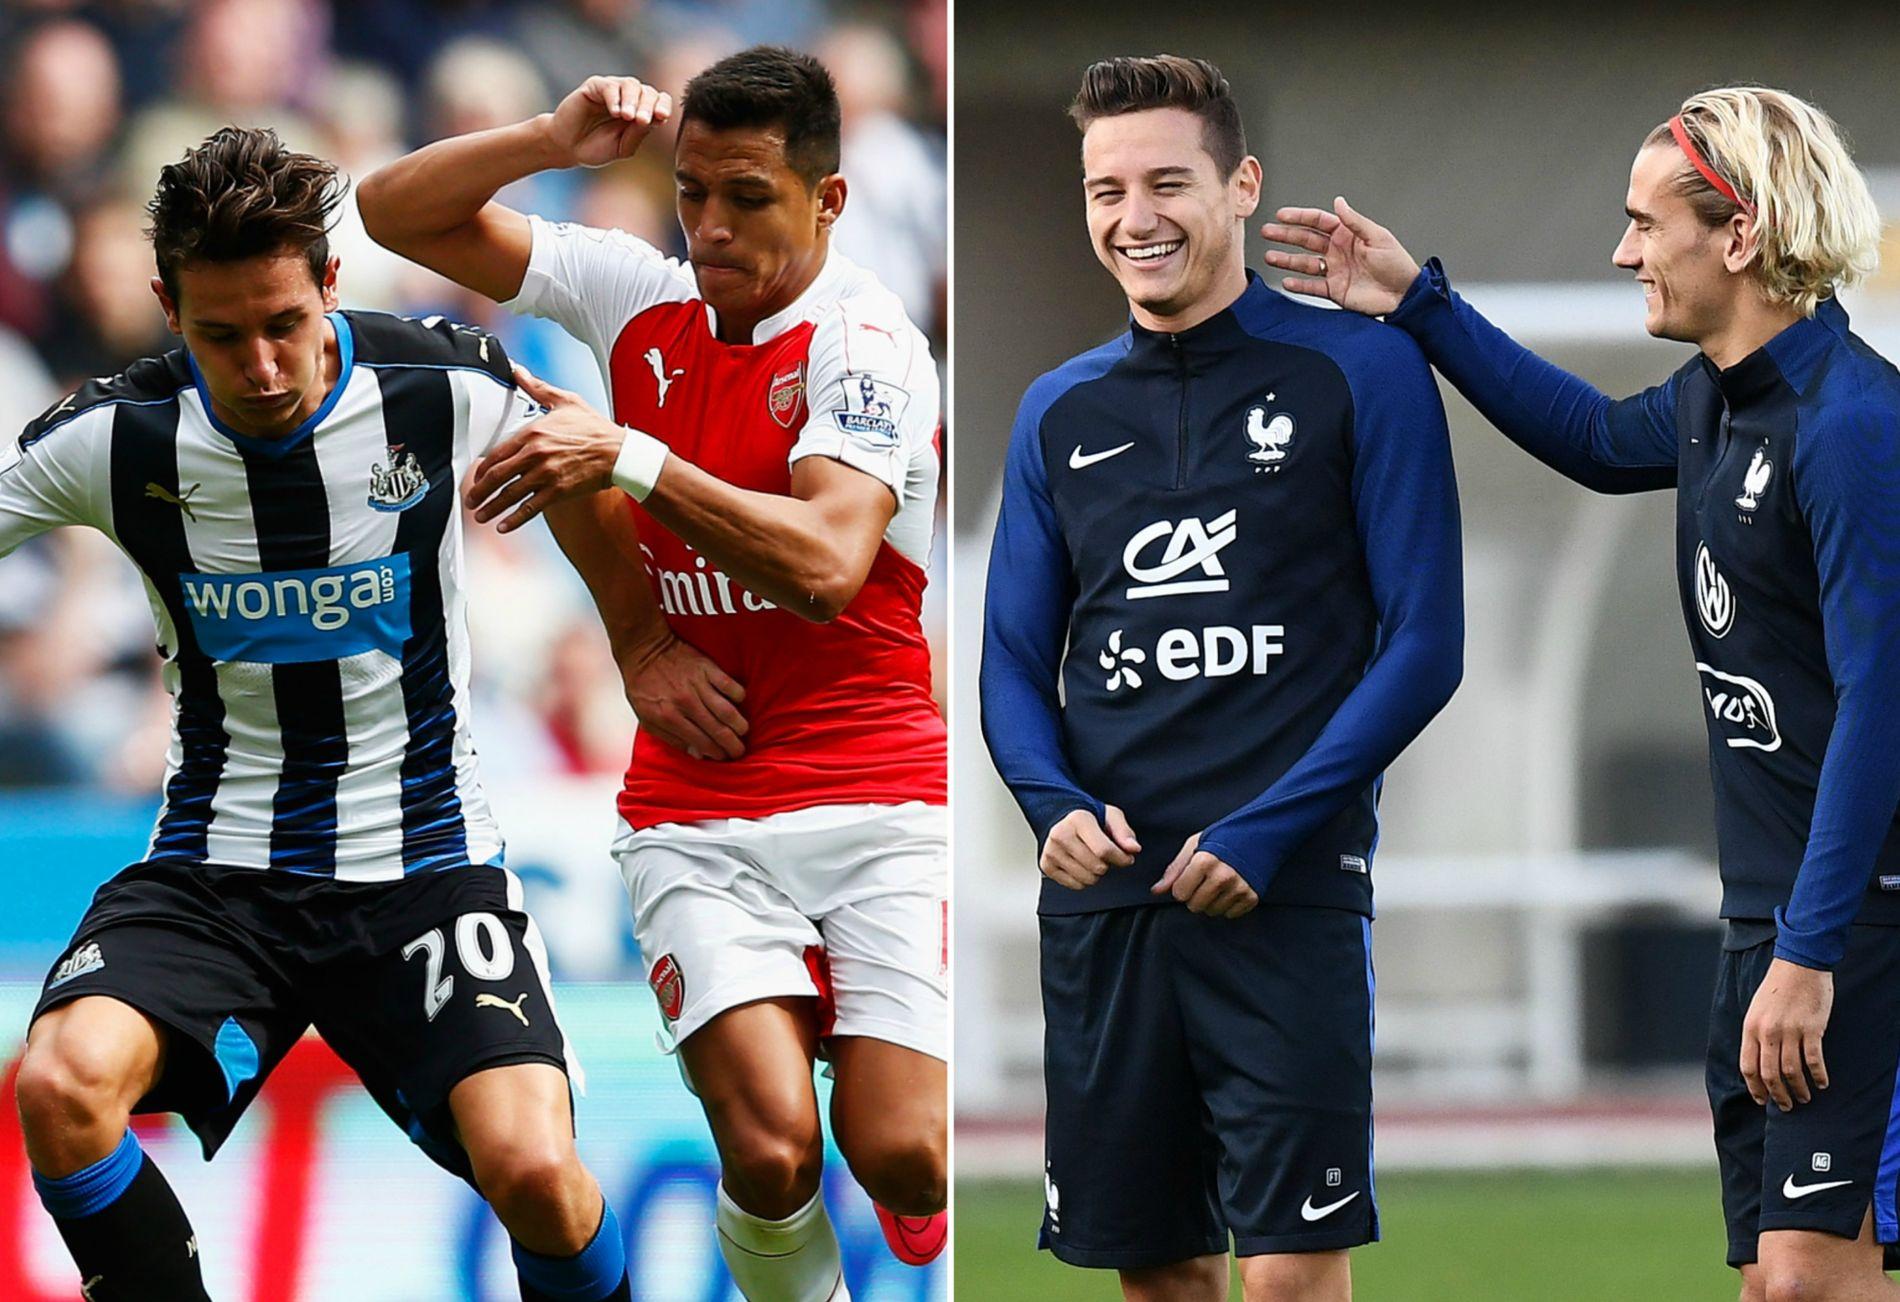 FRA NULL TIL GULL: Florian Thauvin, til venstre i duell mot Arsenals Alexis Sánchez i august 2015, har virkelig fått fart på karrieren etter at han dro tilbake fra Newcastle til Marseille. Til høyre står han på landslagssamling med Antoine Griezmann.